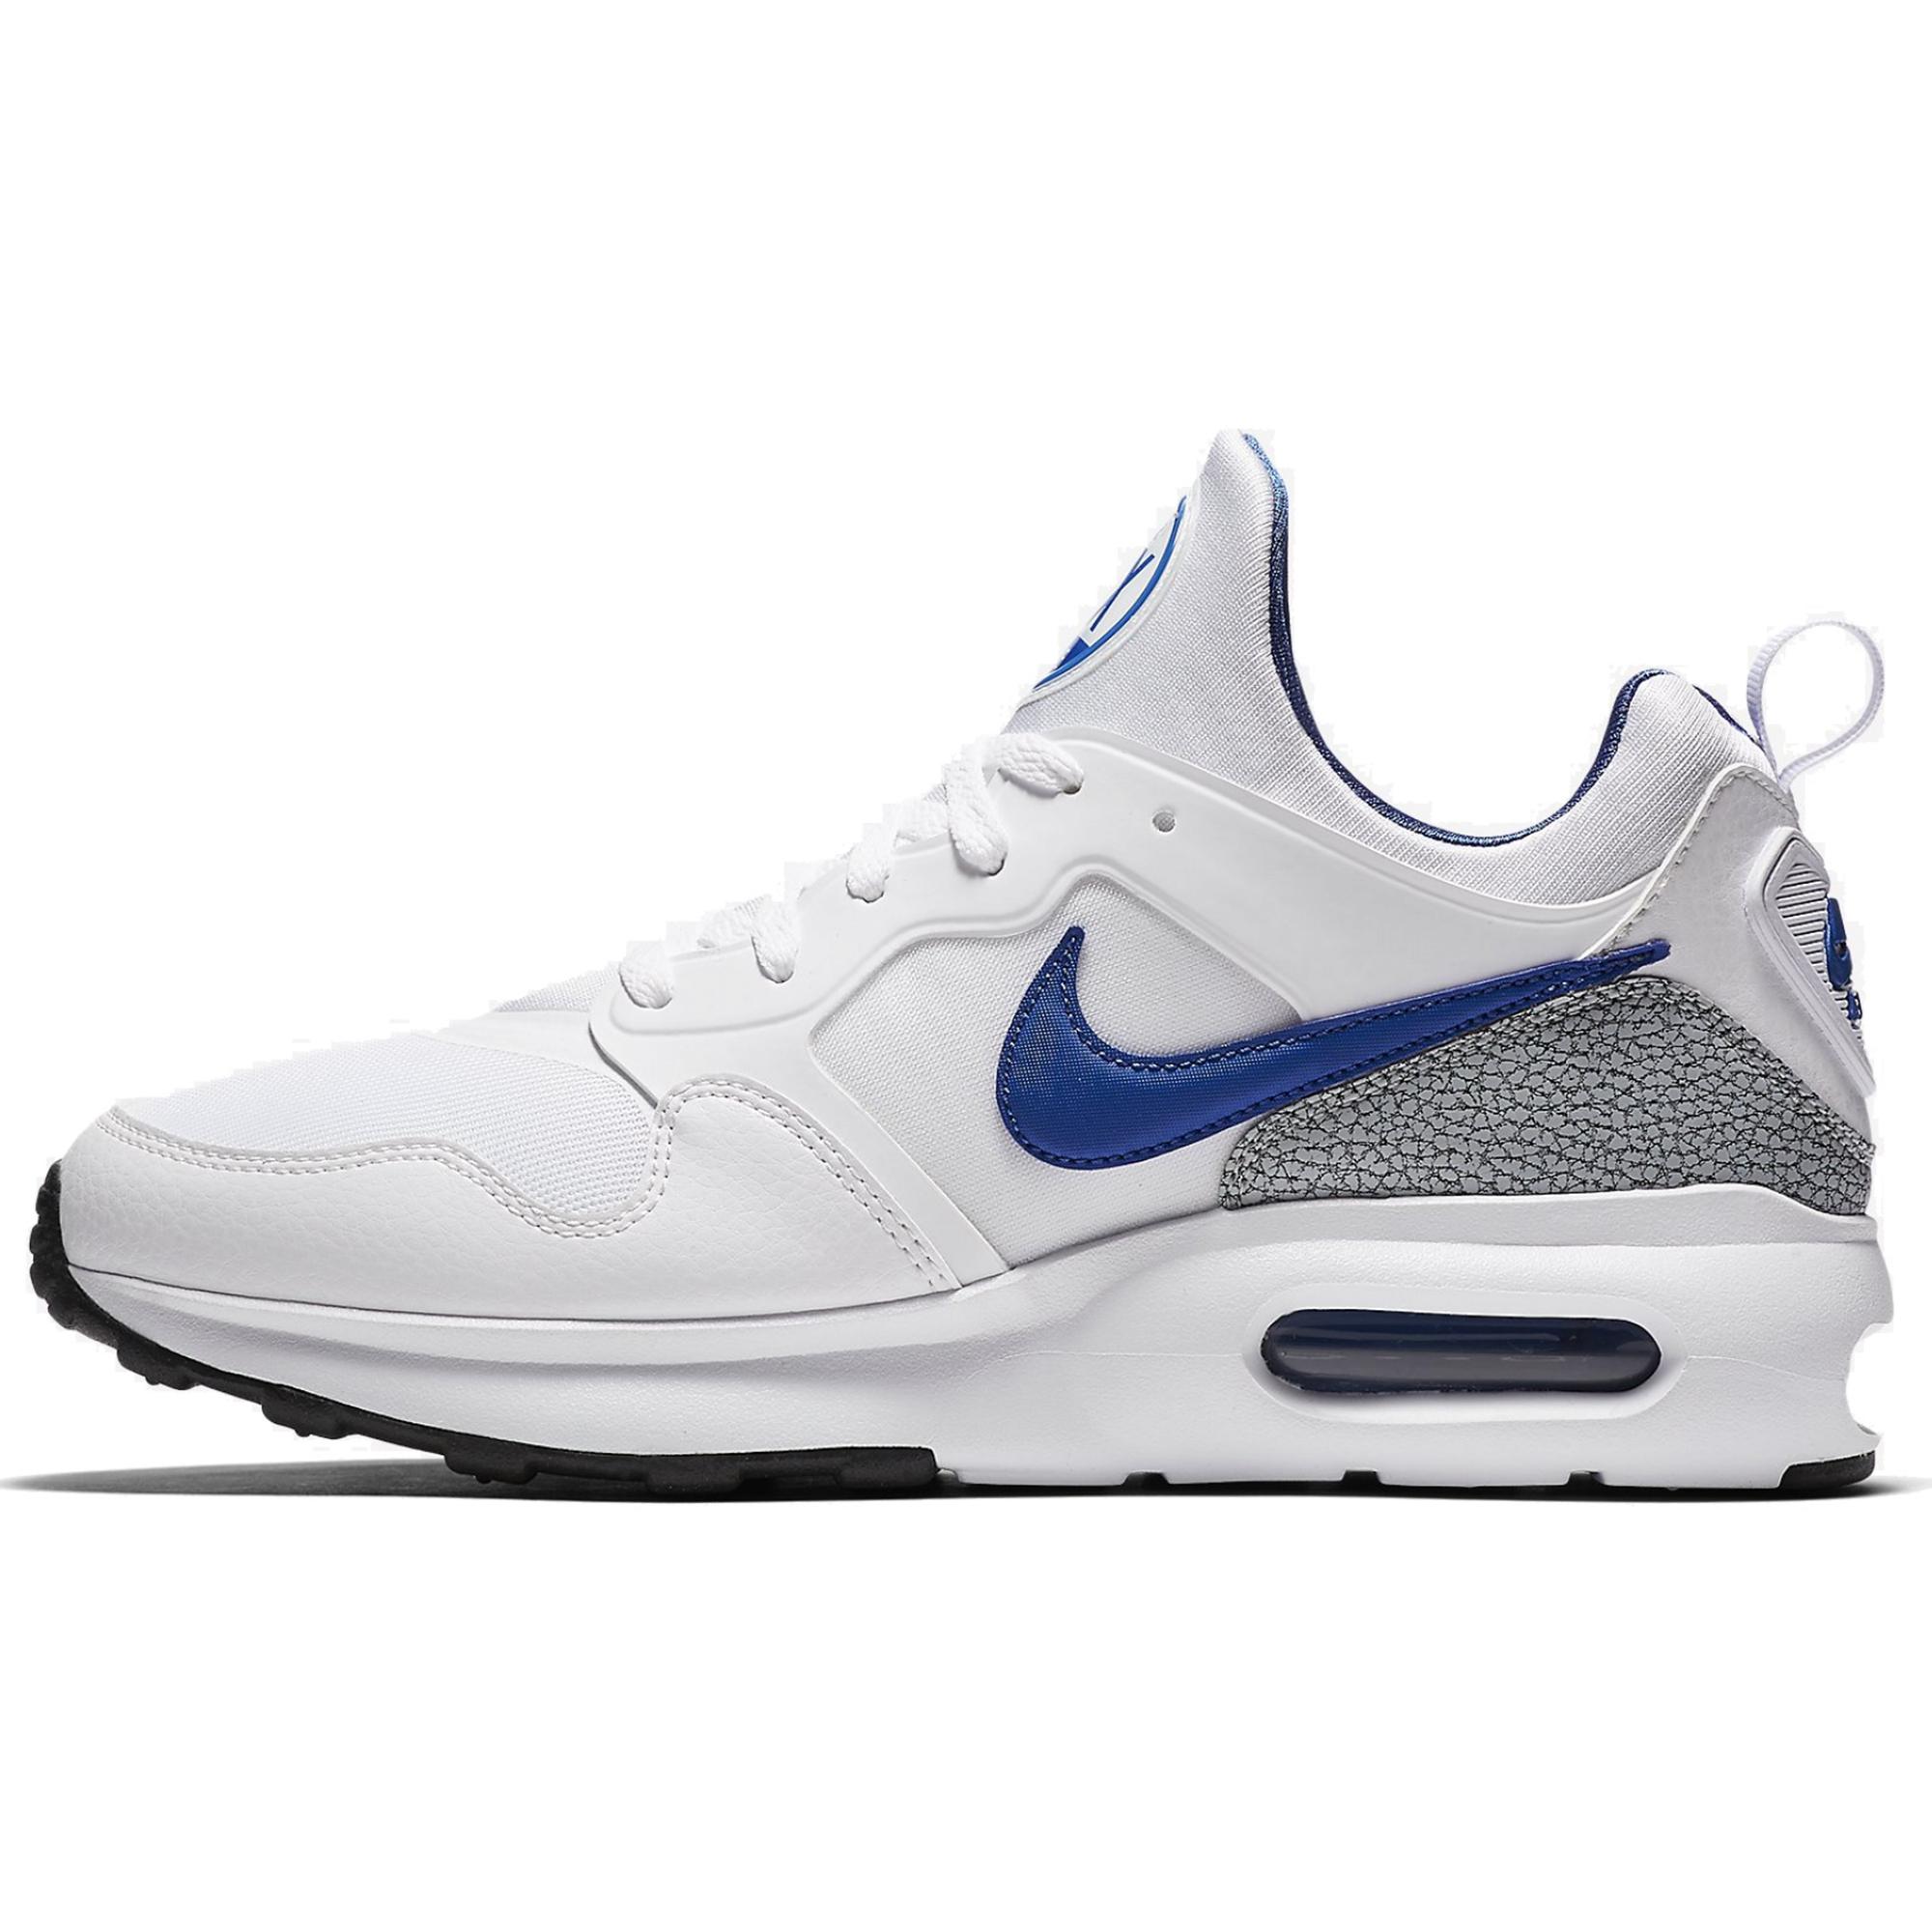 Nike Men's Air Max Prime Trainers mens, £40.50 at Amazon